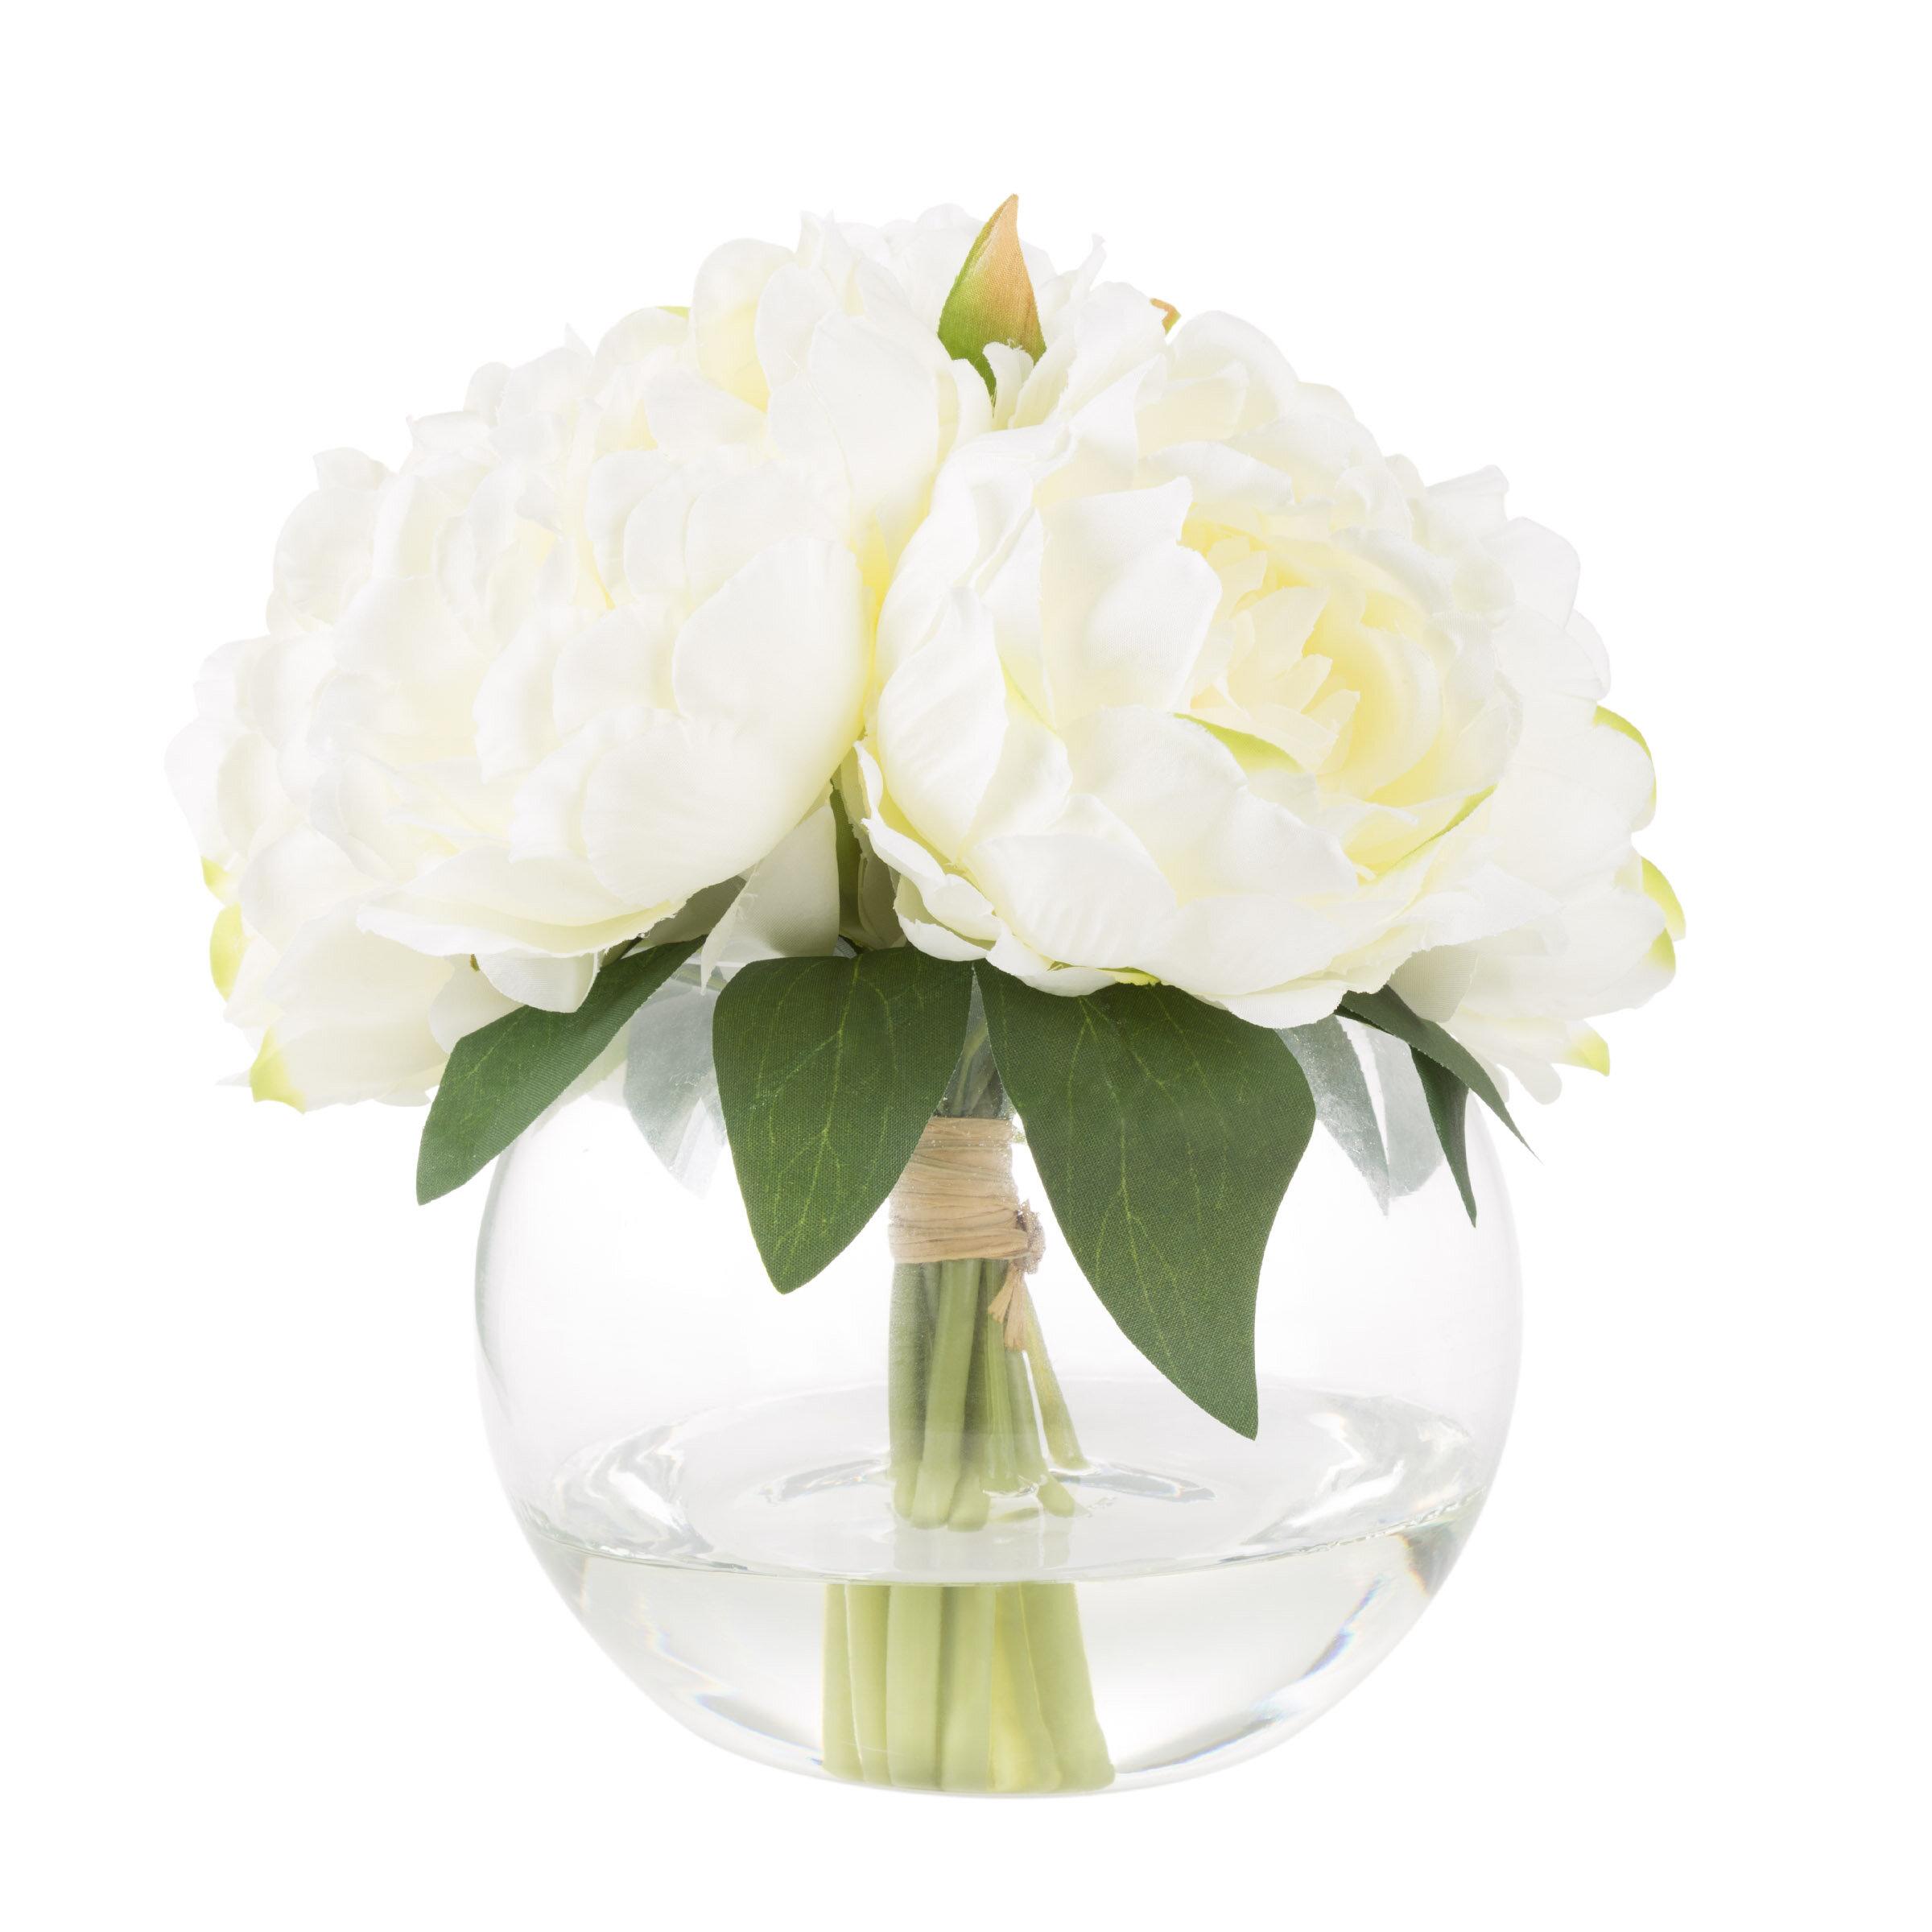 Gracie Oaks Rose Floral Arrangement and Centerpieces in Glass Vase \u0026 Reviews   Wayfair  sc 1 st  Wayfair & Gracie Oaks Rose Floral Arrangement and Centerpieces in Glass Vase ...